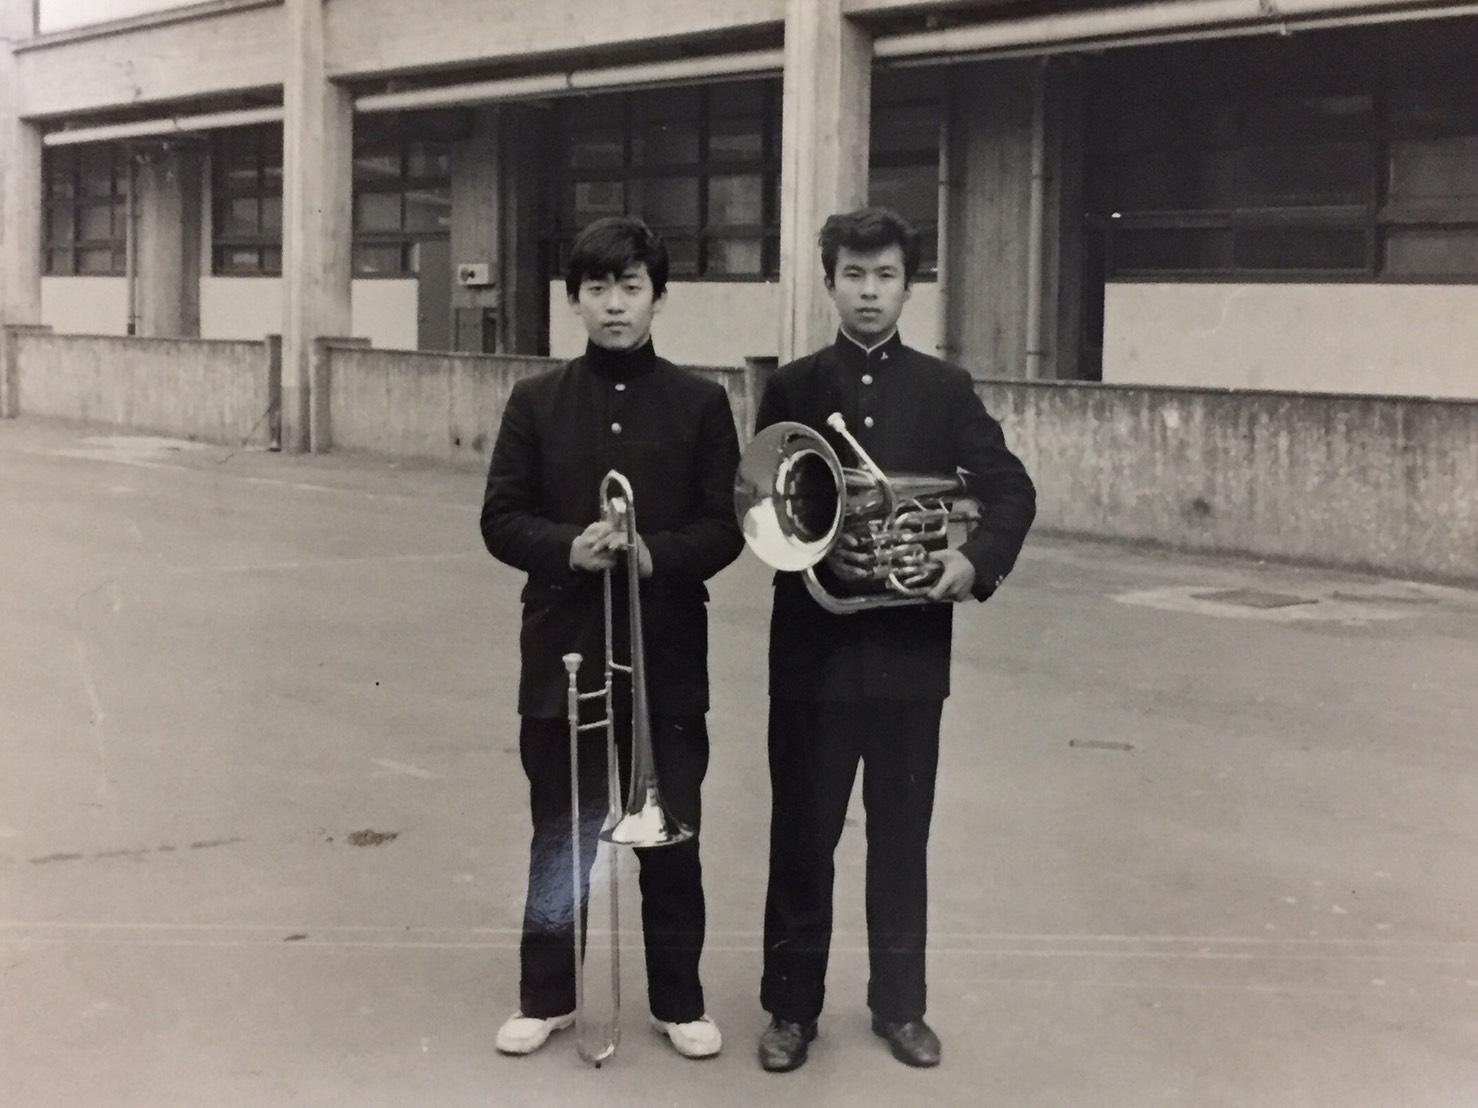 吹奏楽部の写真集